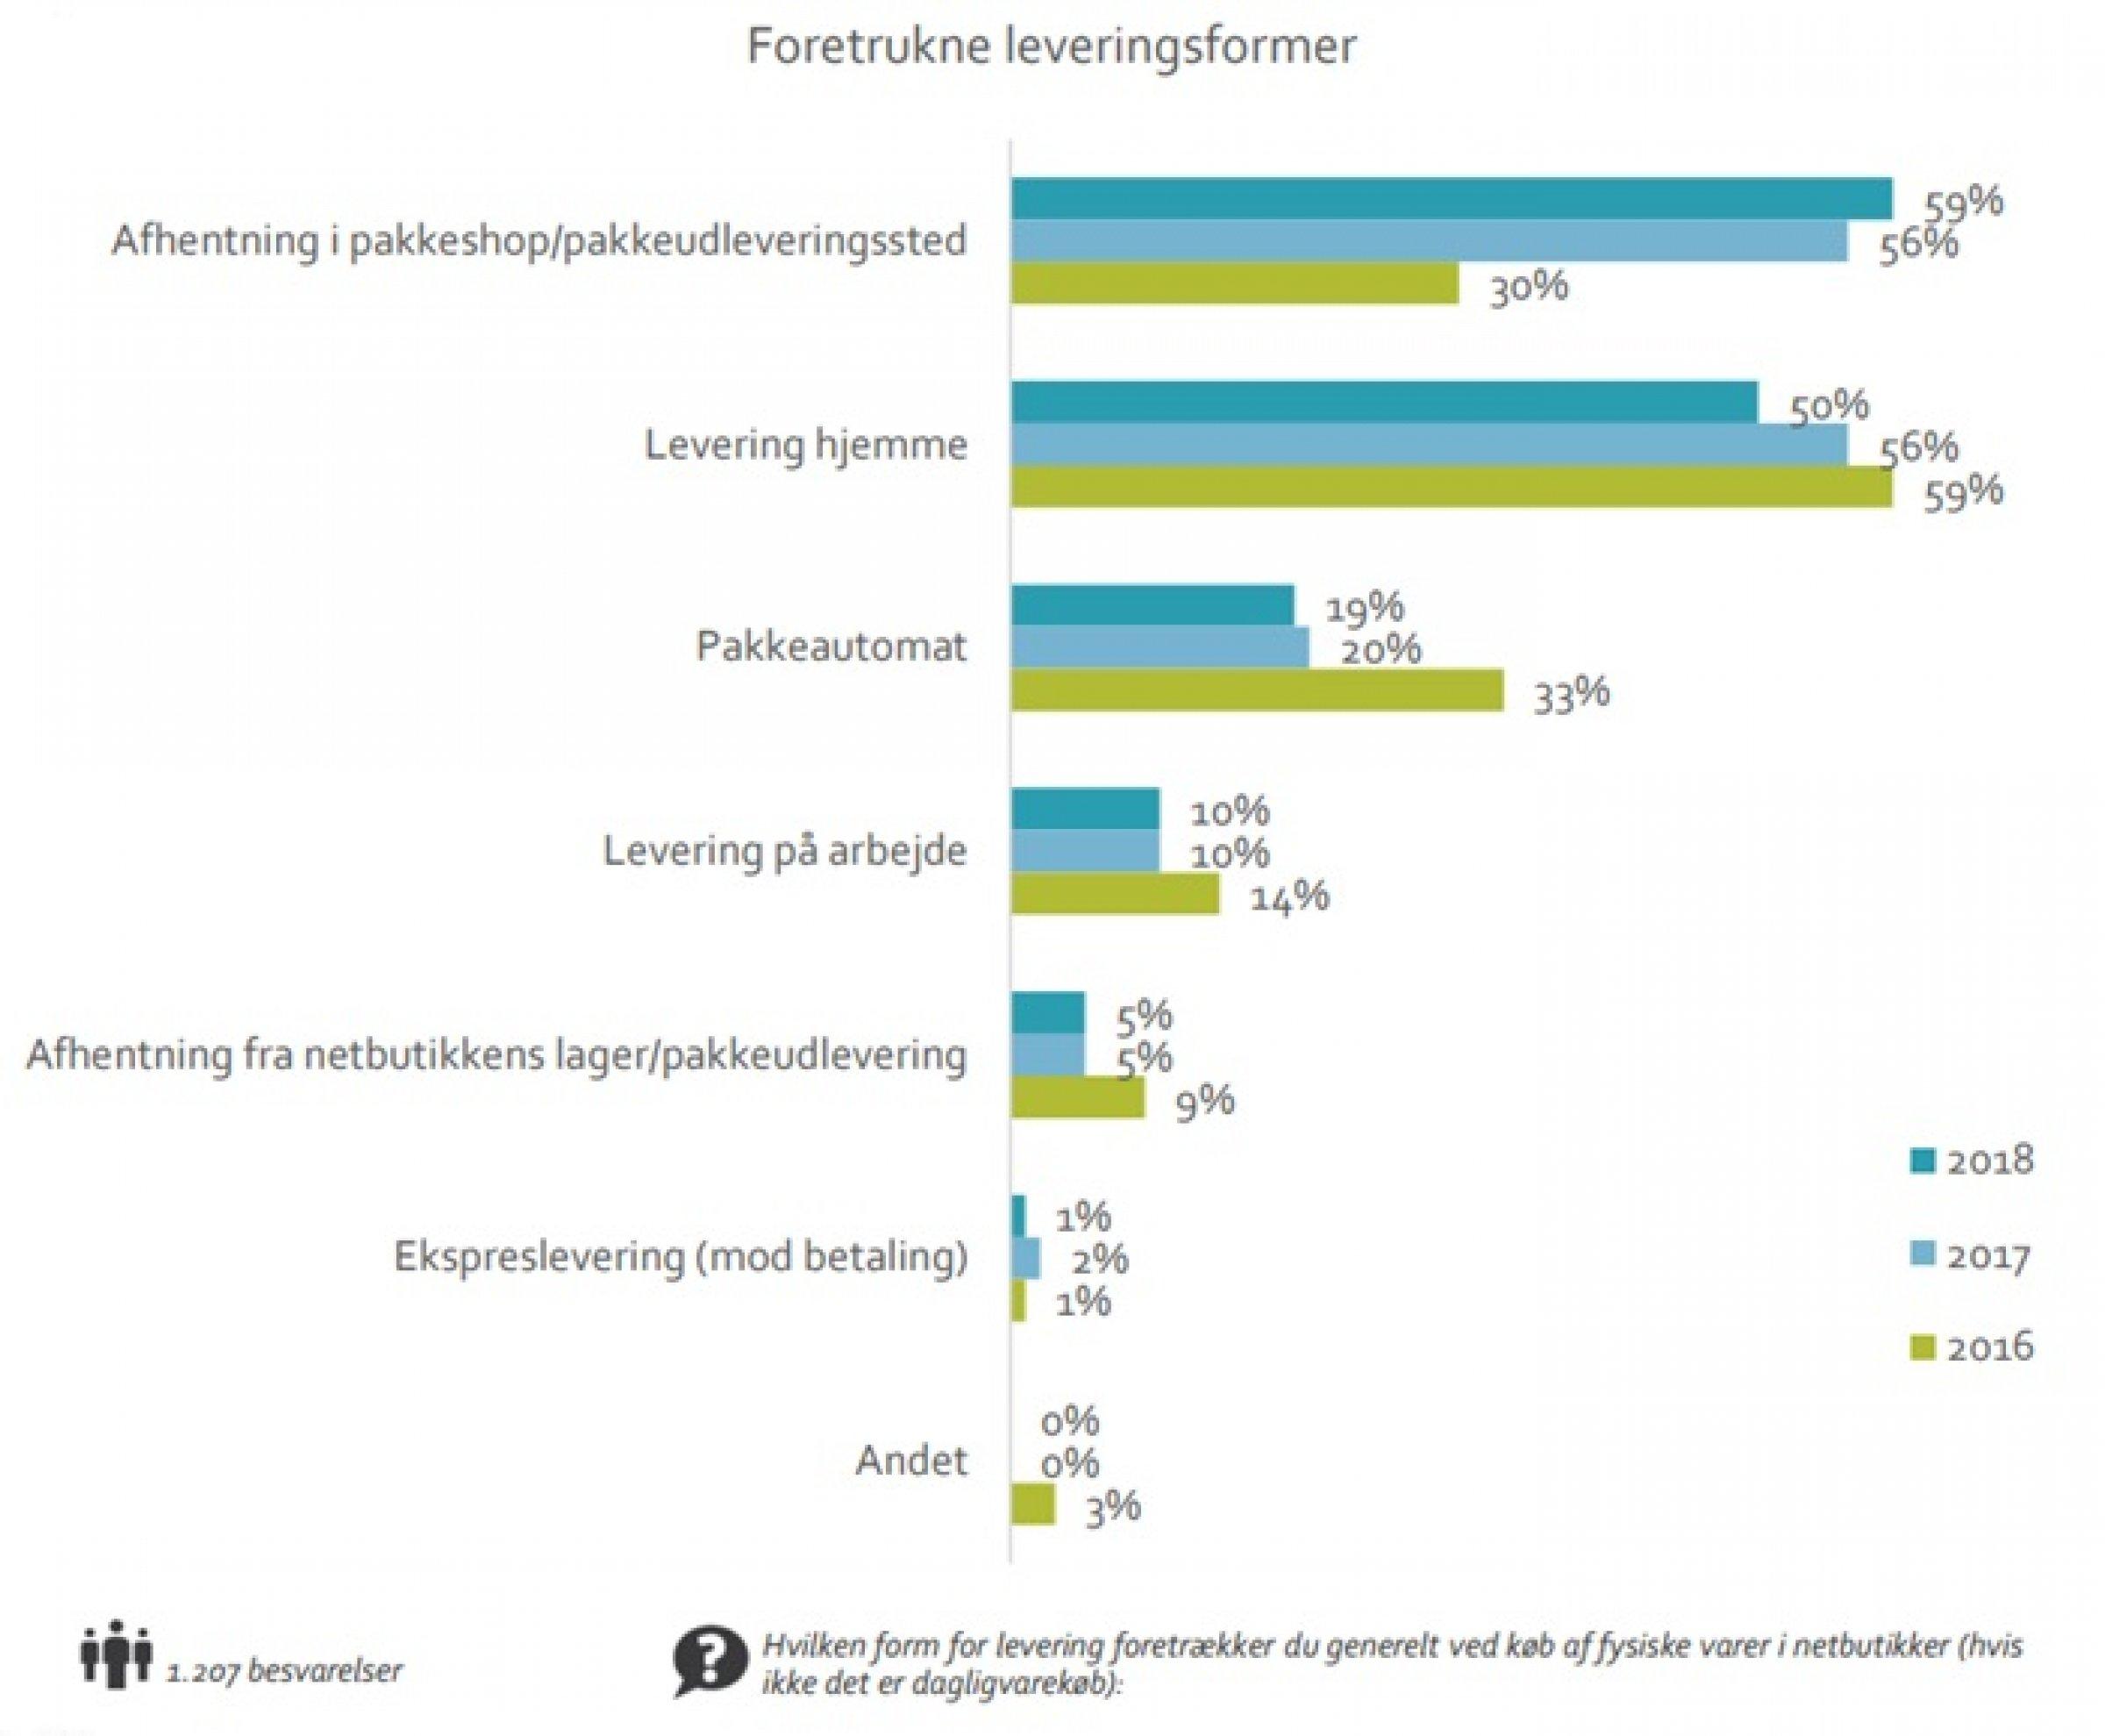 8c9243443bf Danskernes foretrukne leveringform i 2018 er pakkeshops. Kilde: FDIH  analyse.